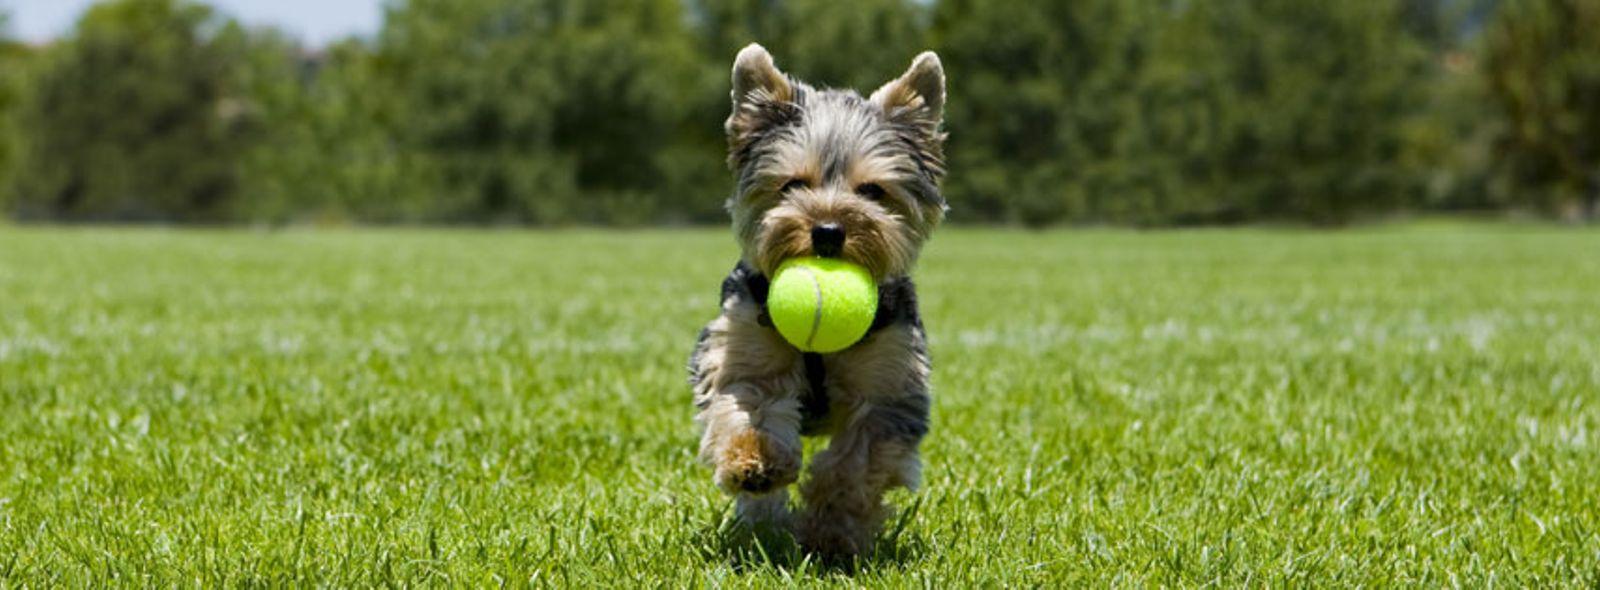 Quali sono i comandi per addestrare un cane